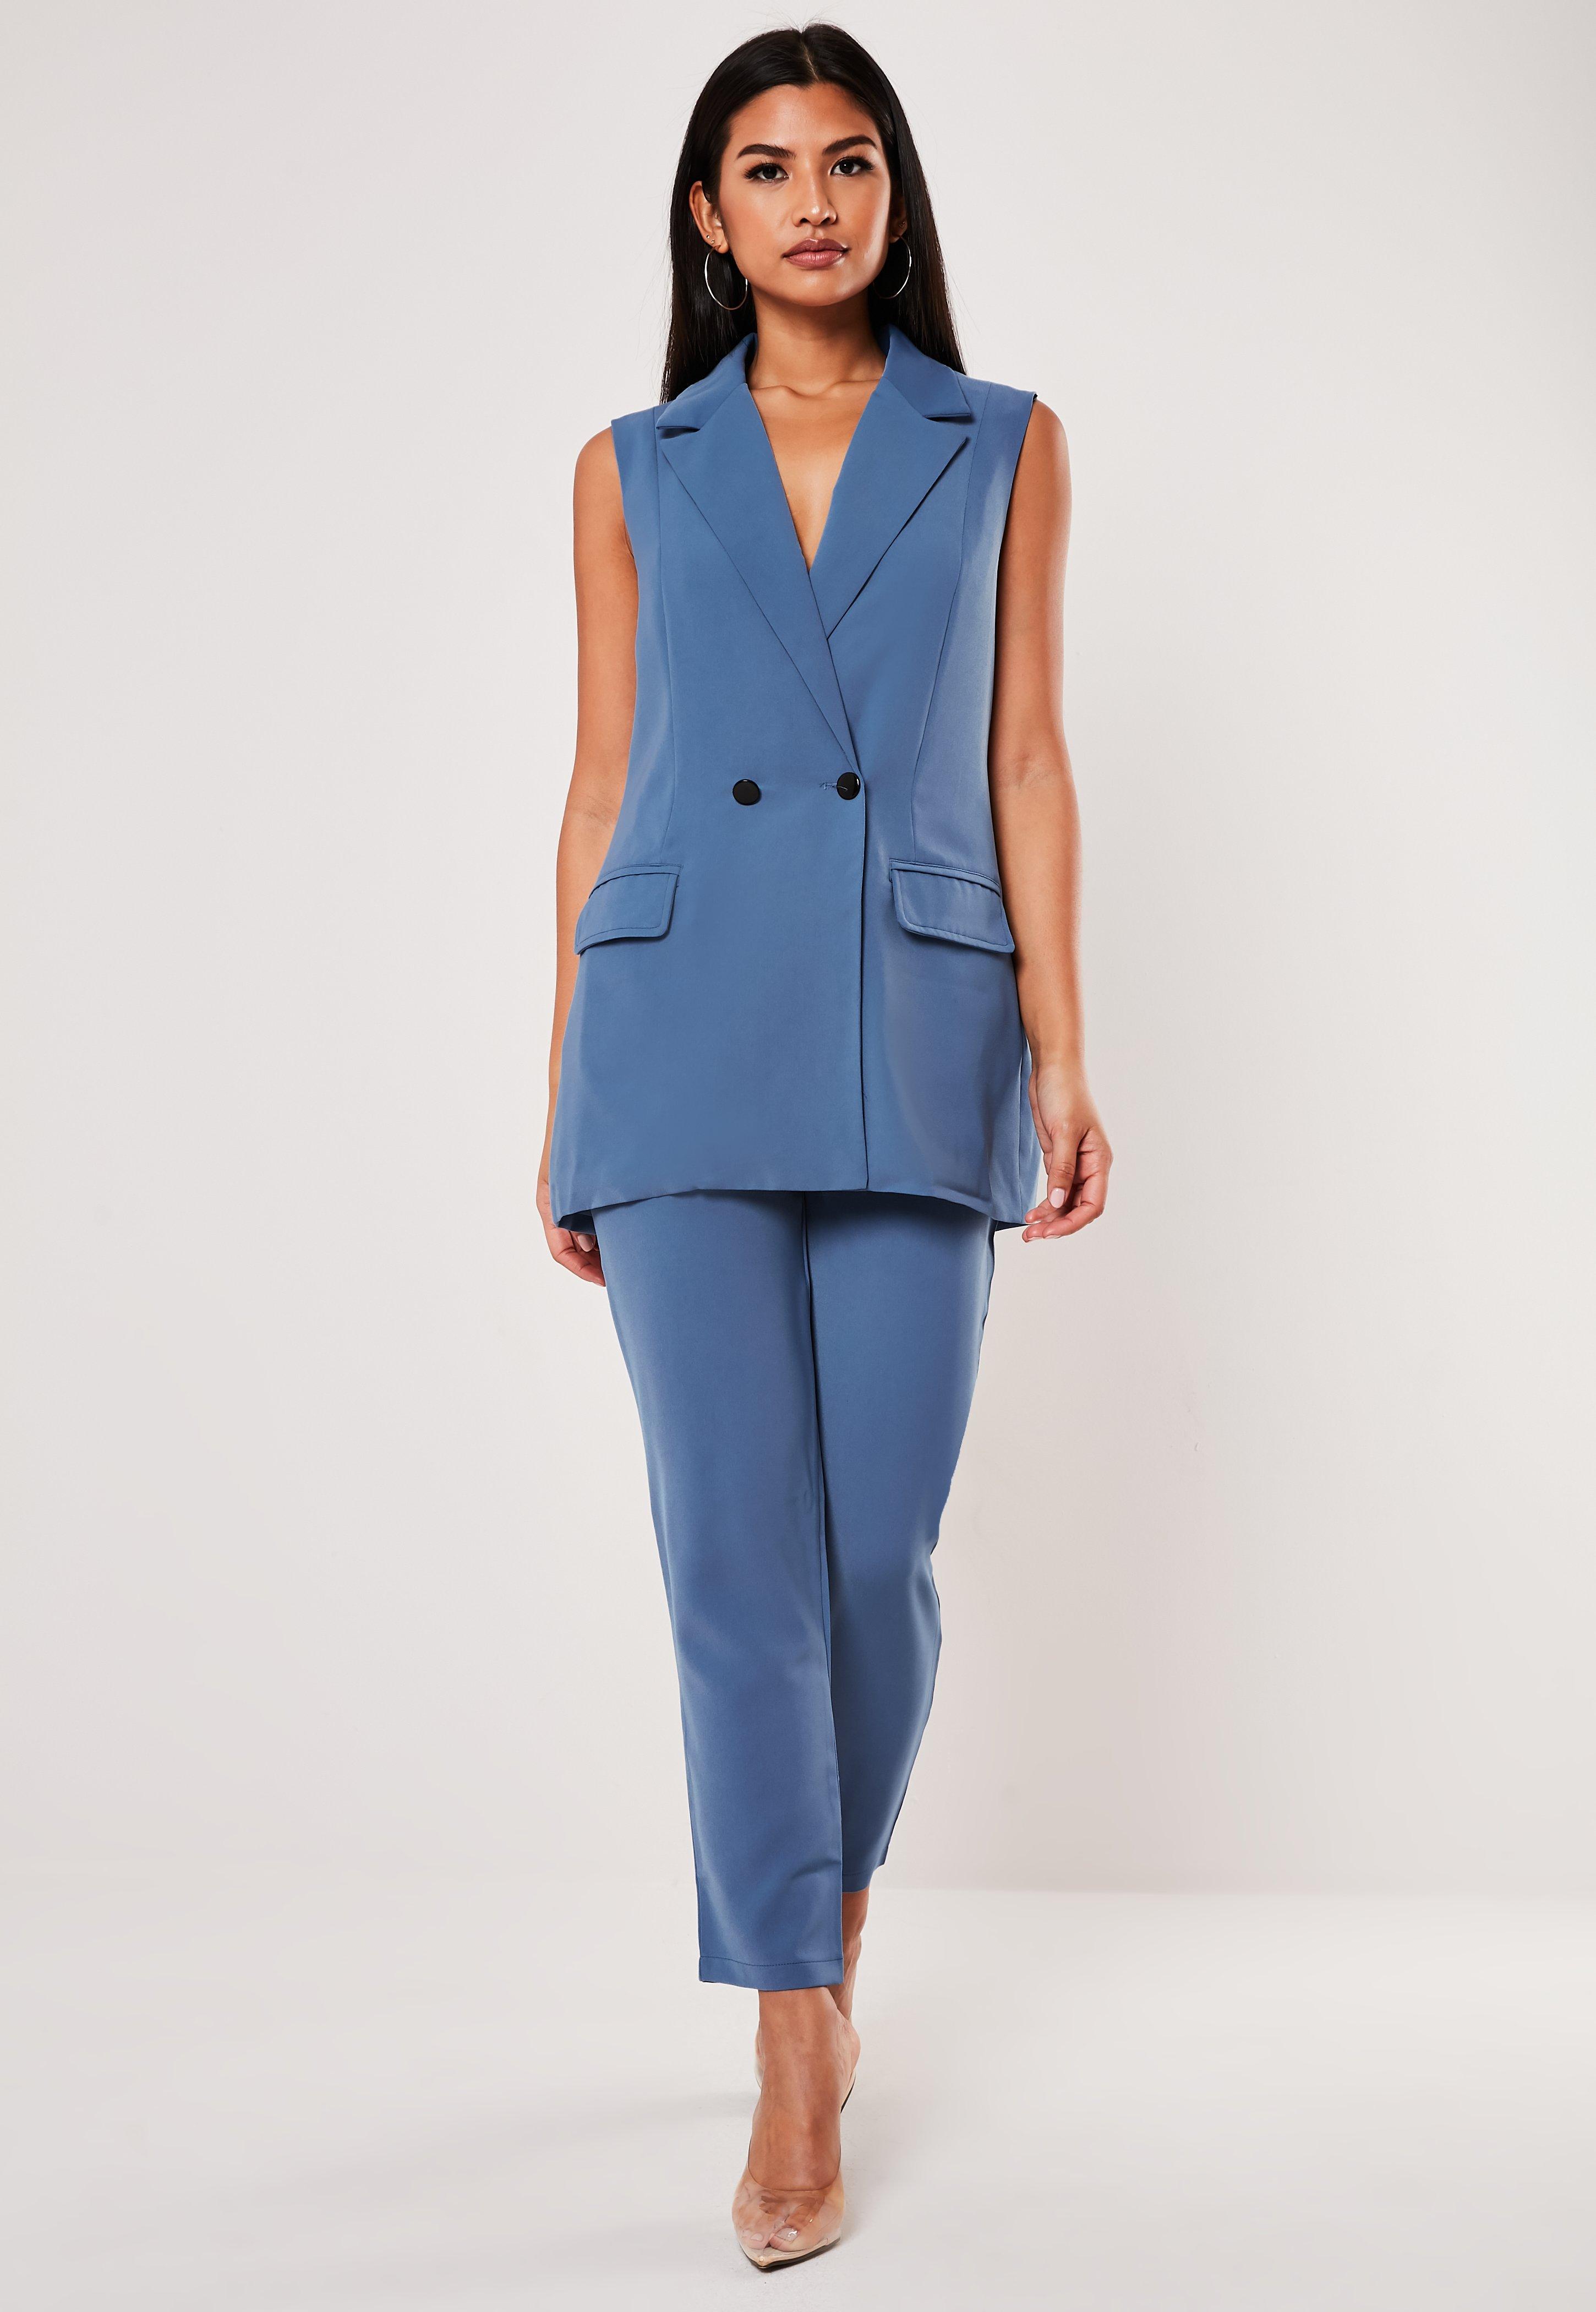 0088367a7 Trajes de chaqueta de mujer | Americanas y pantalones de pinza - Missguided